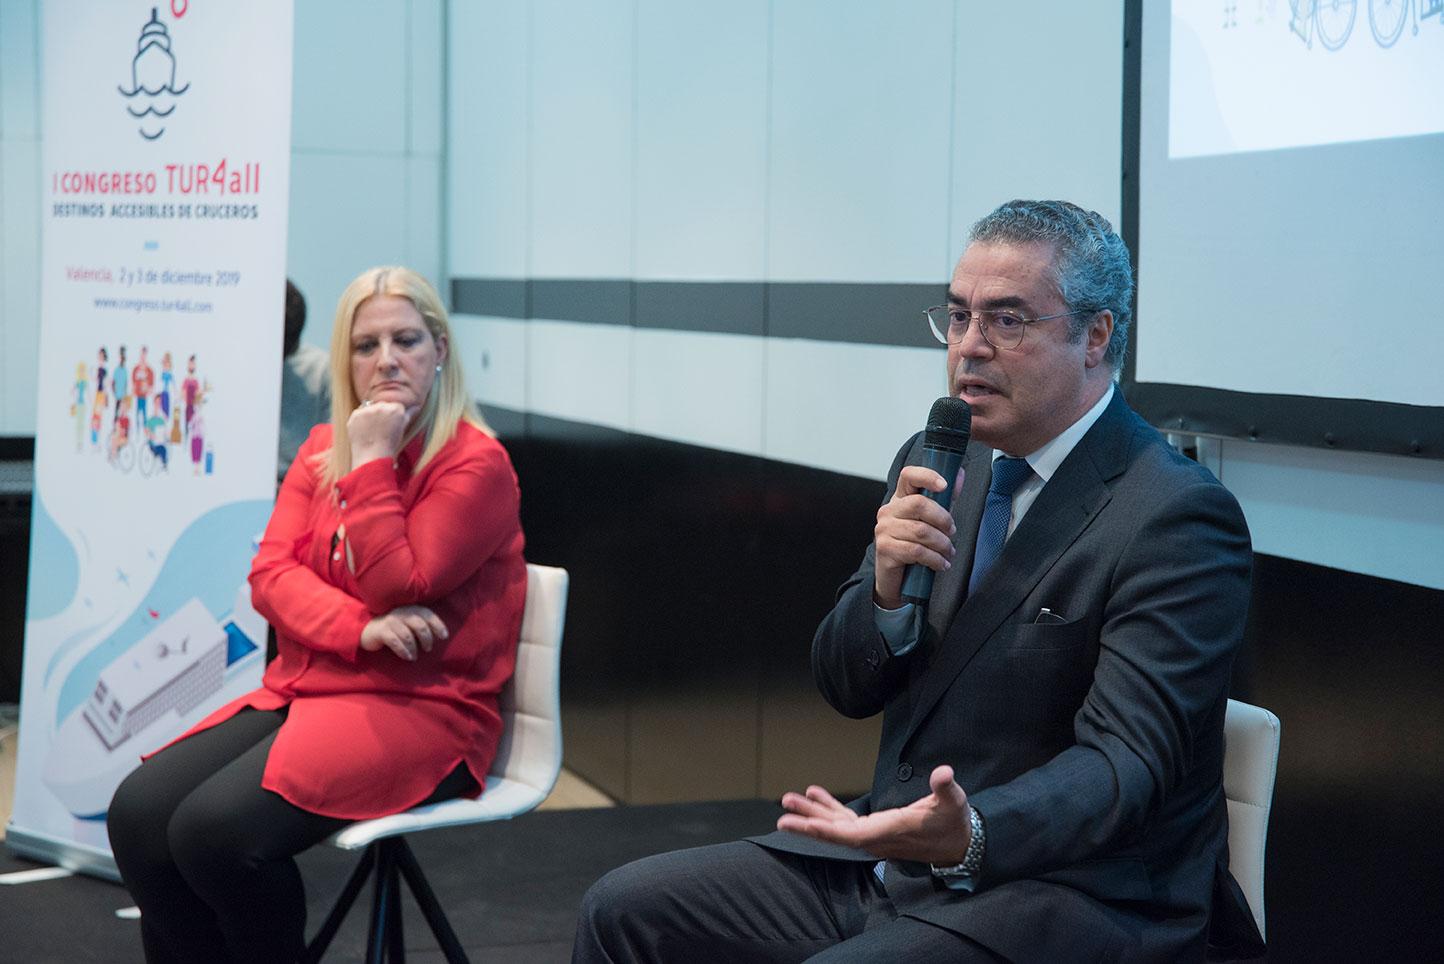 Malik-Alkarea-Virginia-Lopez- Presentacion-Congreso-Madrid-en-Noviembre